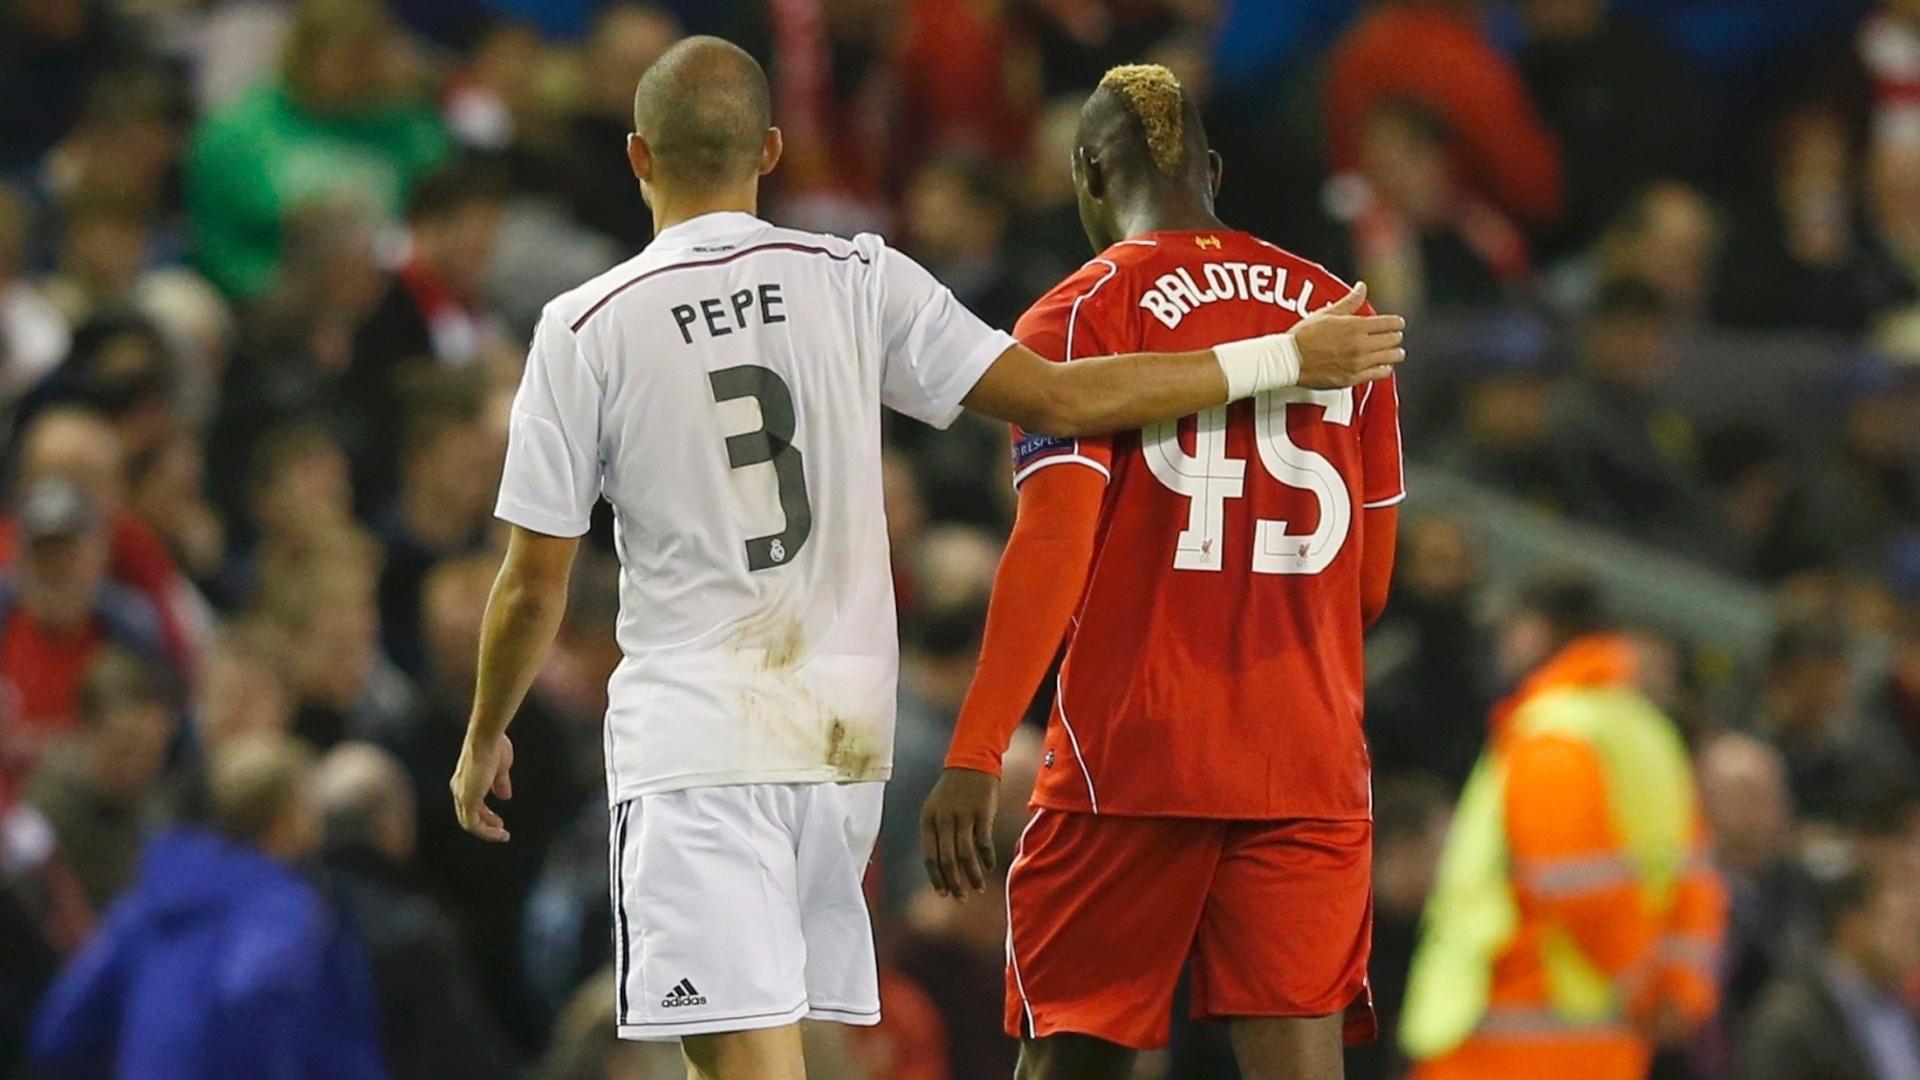 Mario Balotelli, do Liverpool, abraça Pepe, do Real Madrid, durante o jogo entre os dois times pela Liga dos Campeões